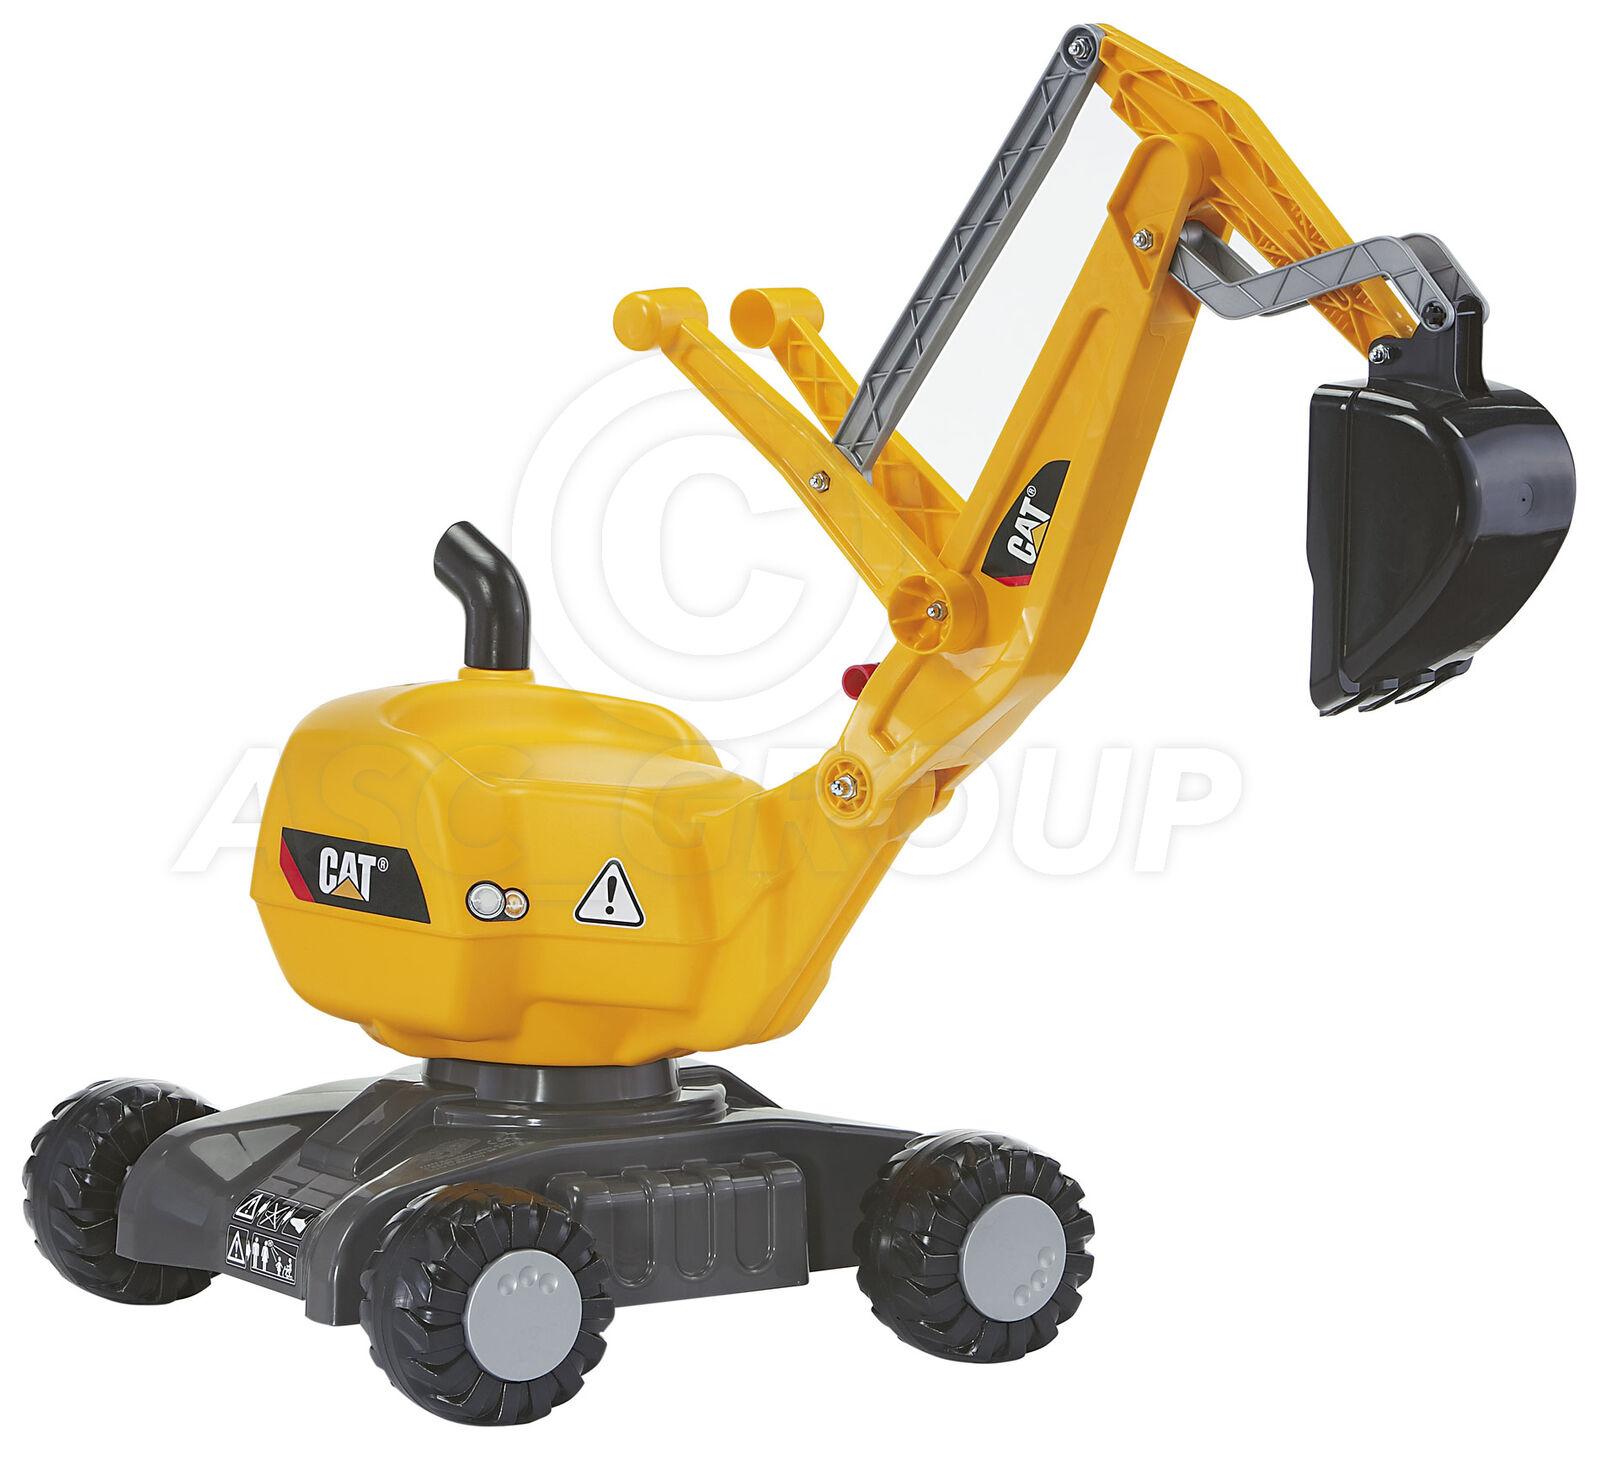 Rolly toys - Cat Rutscher Bagger auf Rädern - Sitzen 360 Rotation Alter 3+